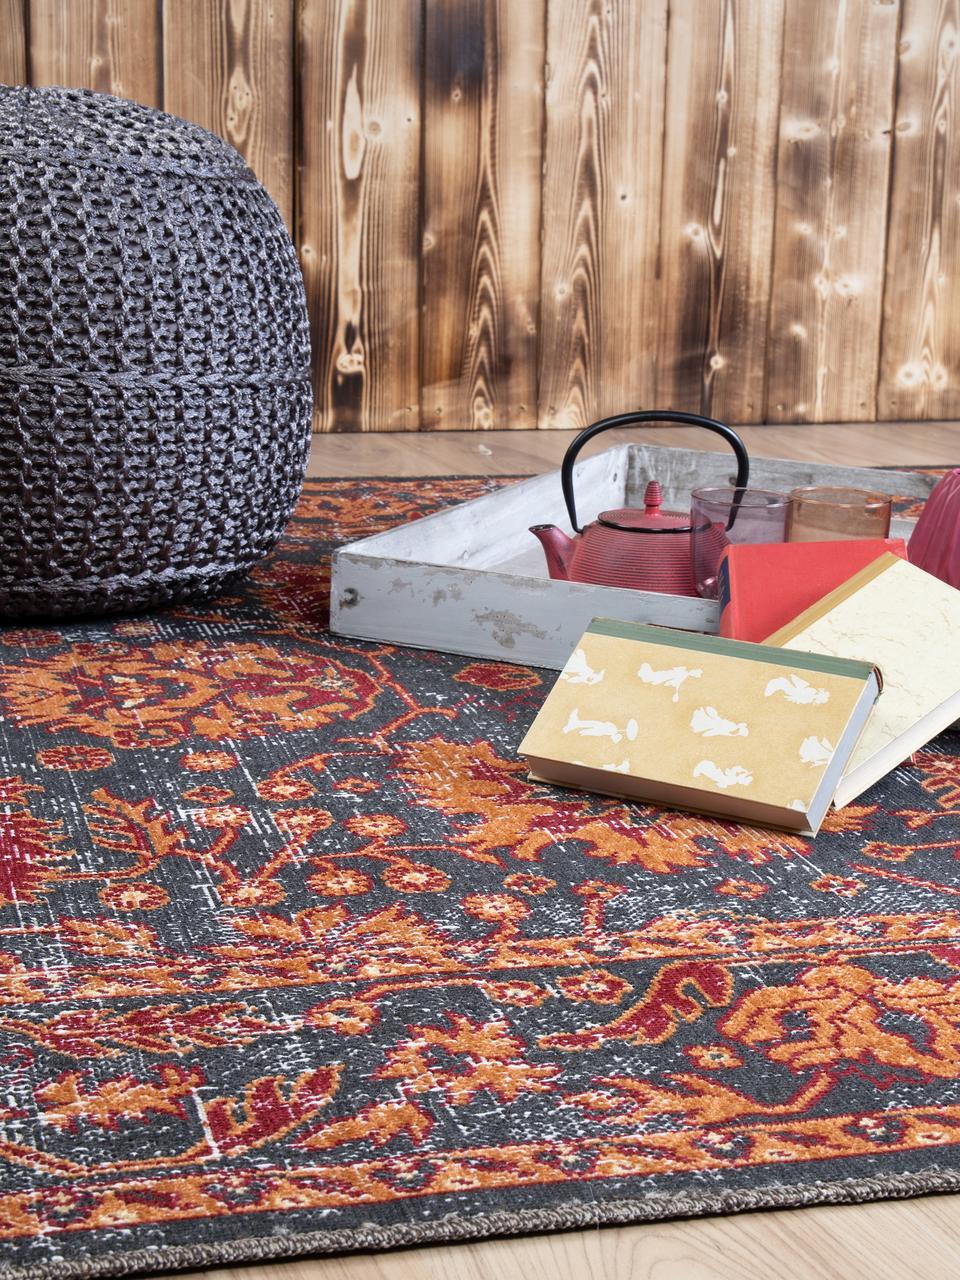 In & Outdoor-Teppich Tilas in Orange/Grau, Orient Style, 100% Polypropylen, Anthrazit, Orange, Rot, B 80 x L 150 cm (Größe XS)